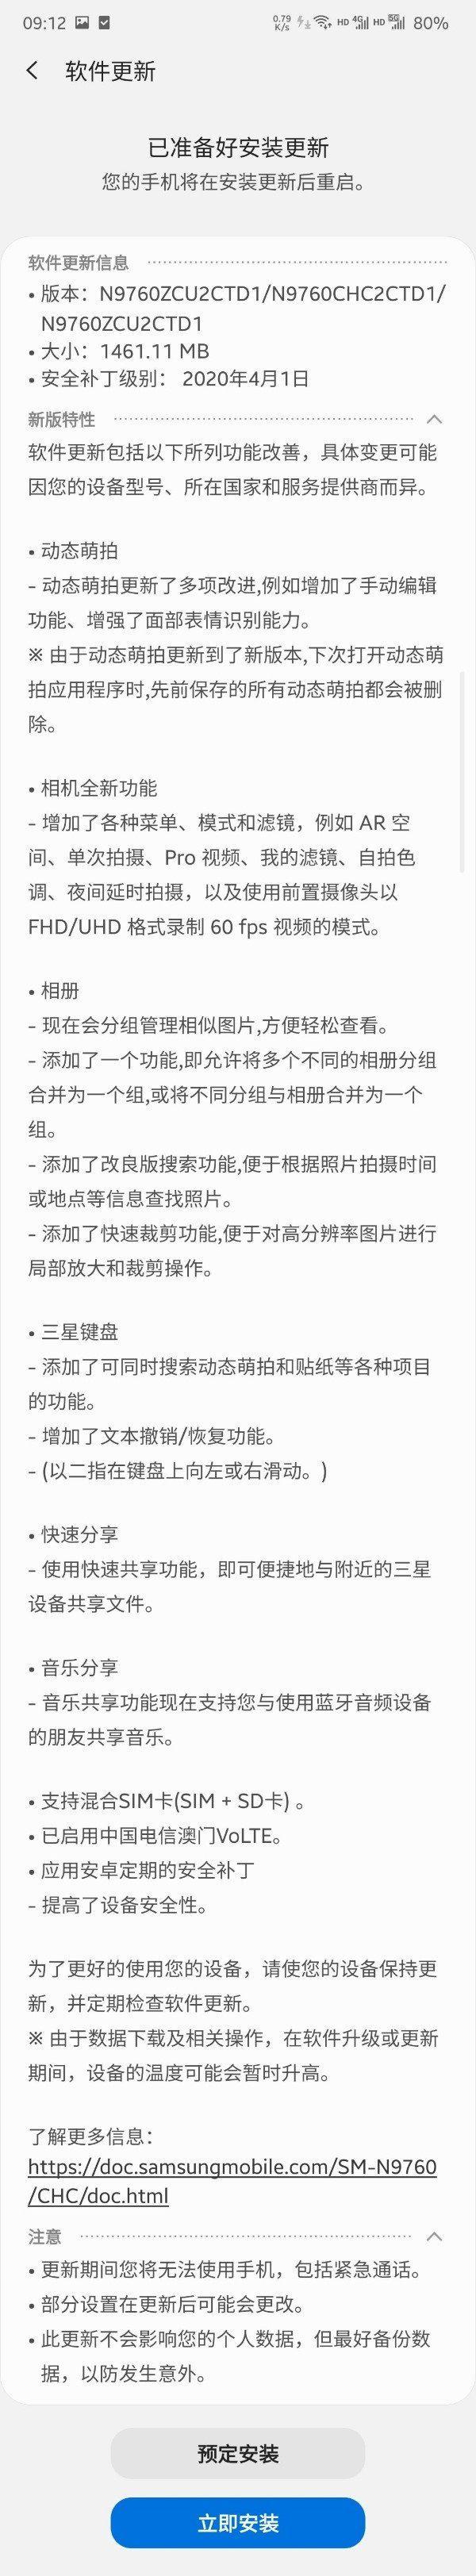 三星Note 10系列国行推送One UI 2.1更新